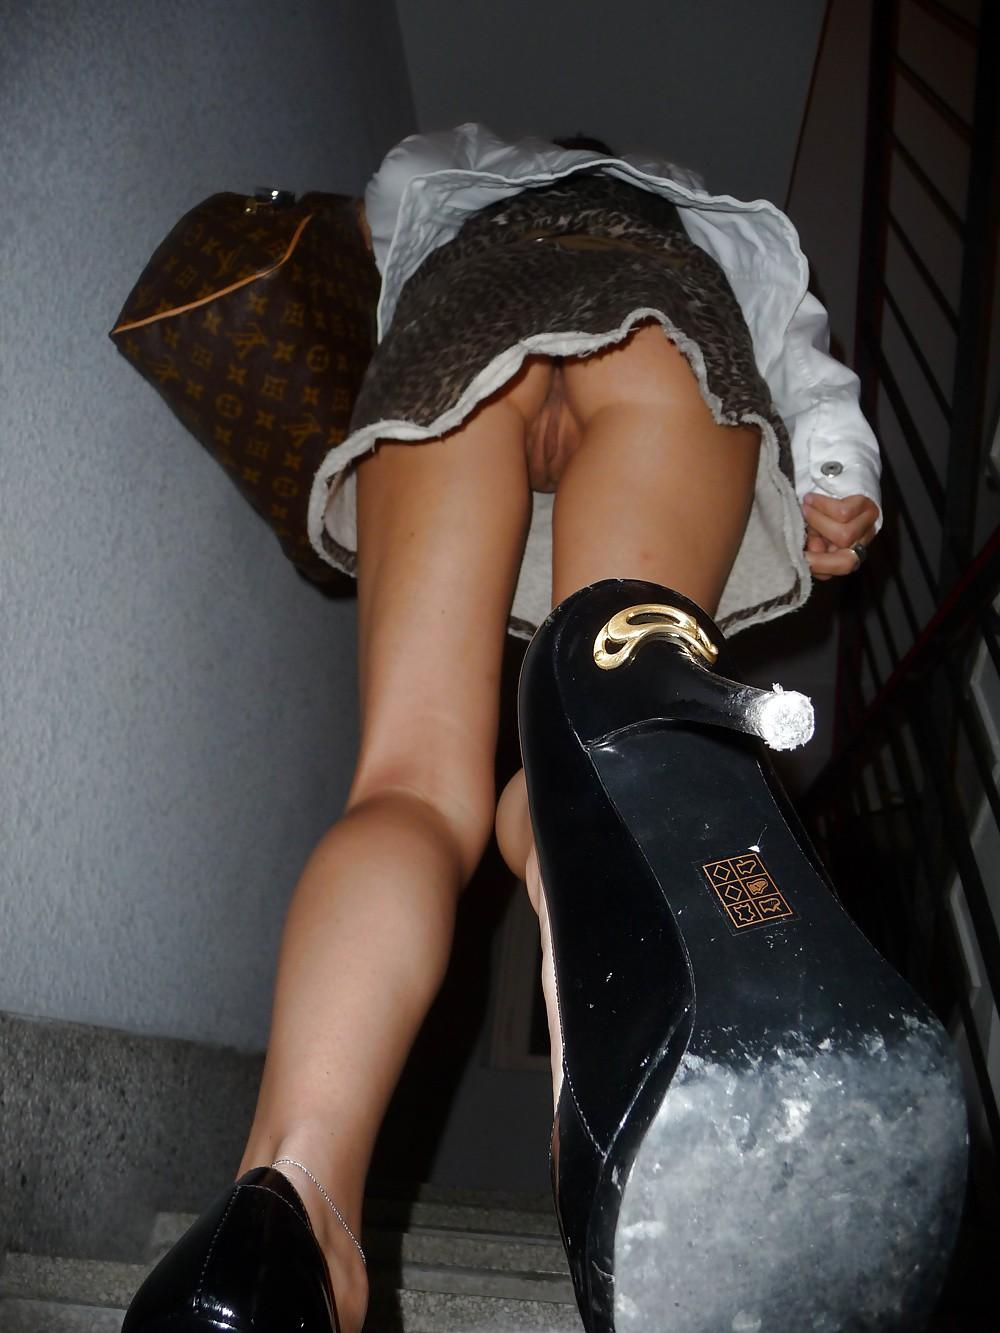 Личные откровенные фото у девушек под юбкой